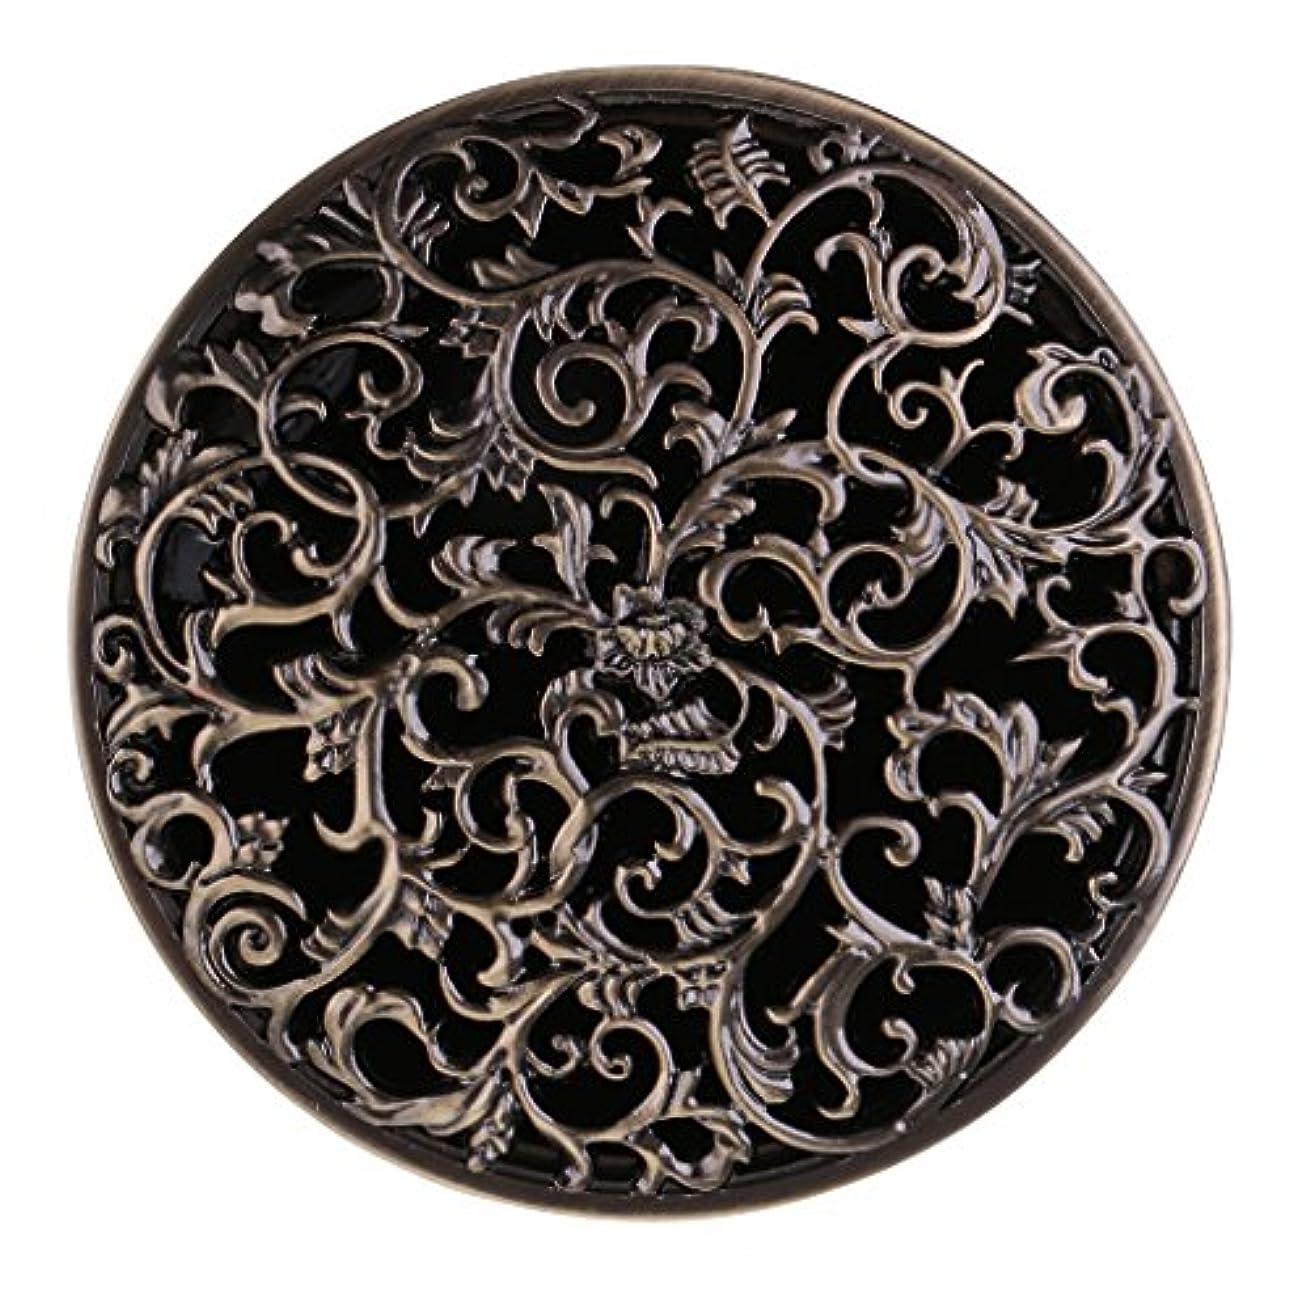 船員好み半ばチベット 合金 香炉 コーンホルダー 仏教 香りバーナー ボックス 家 装飾 全3色 - ブロンズ